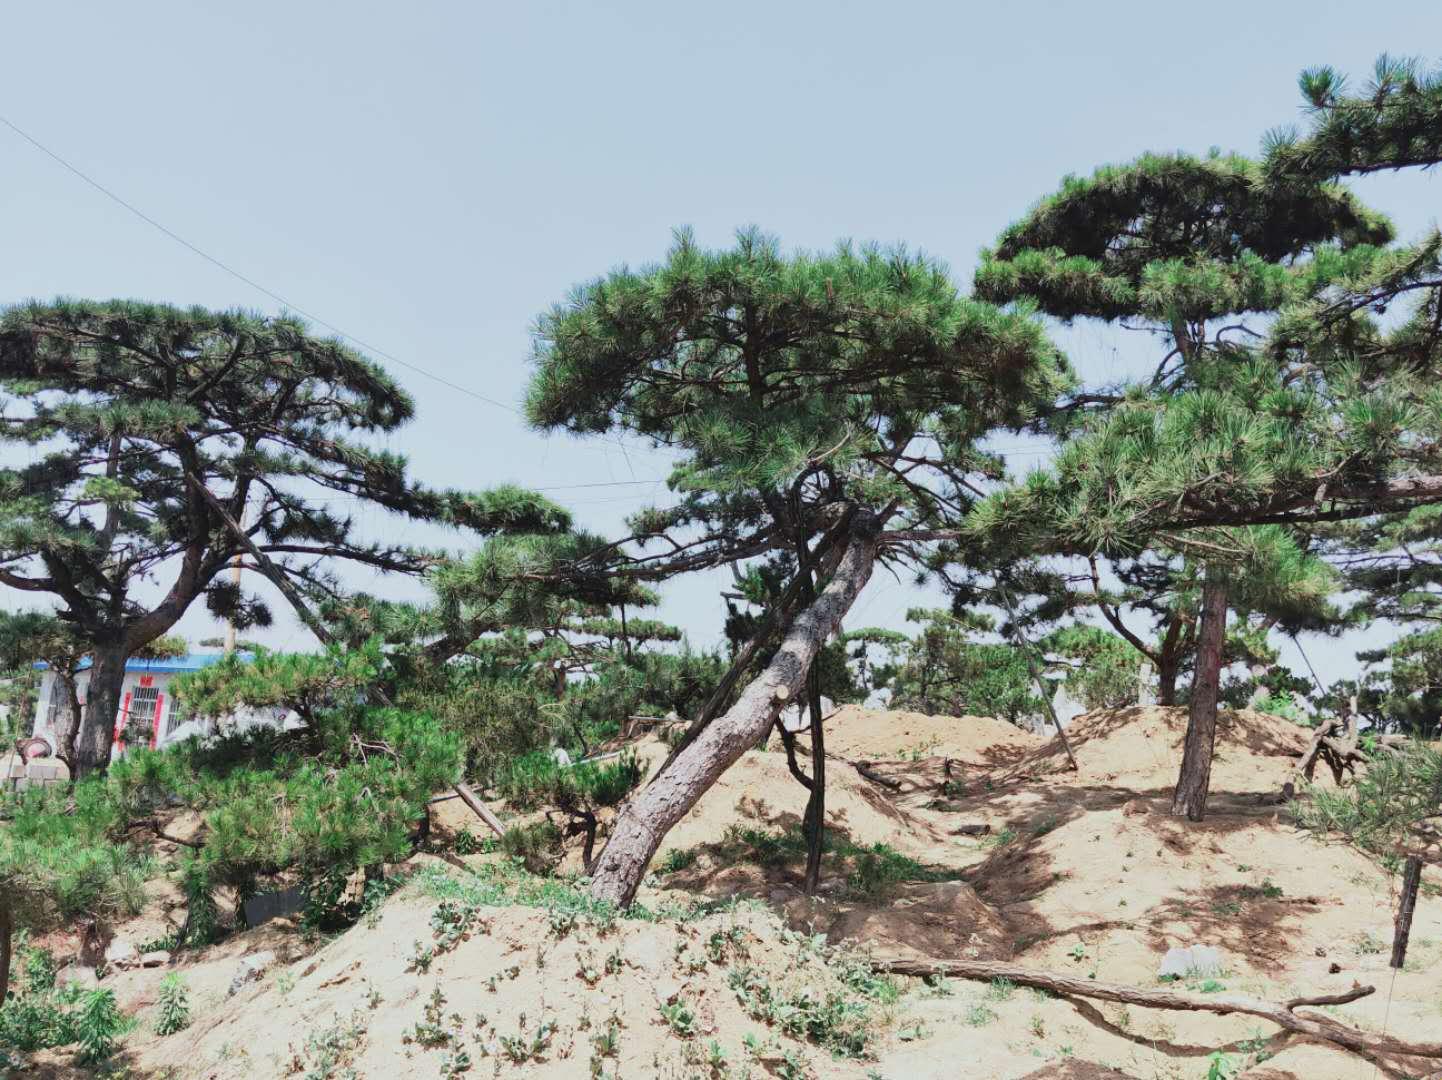 造型松树移栽的成活率可通过科学管理来提高